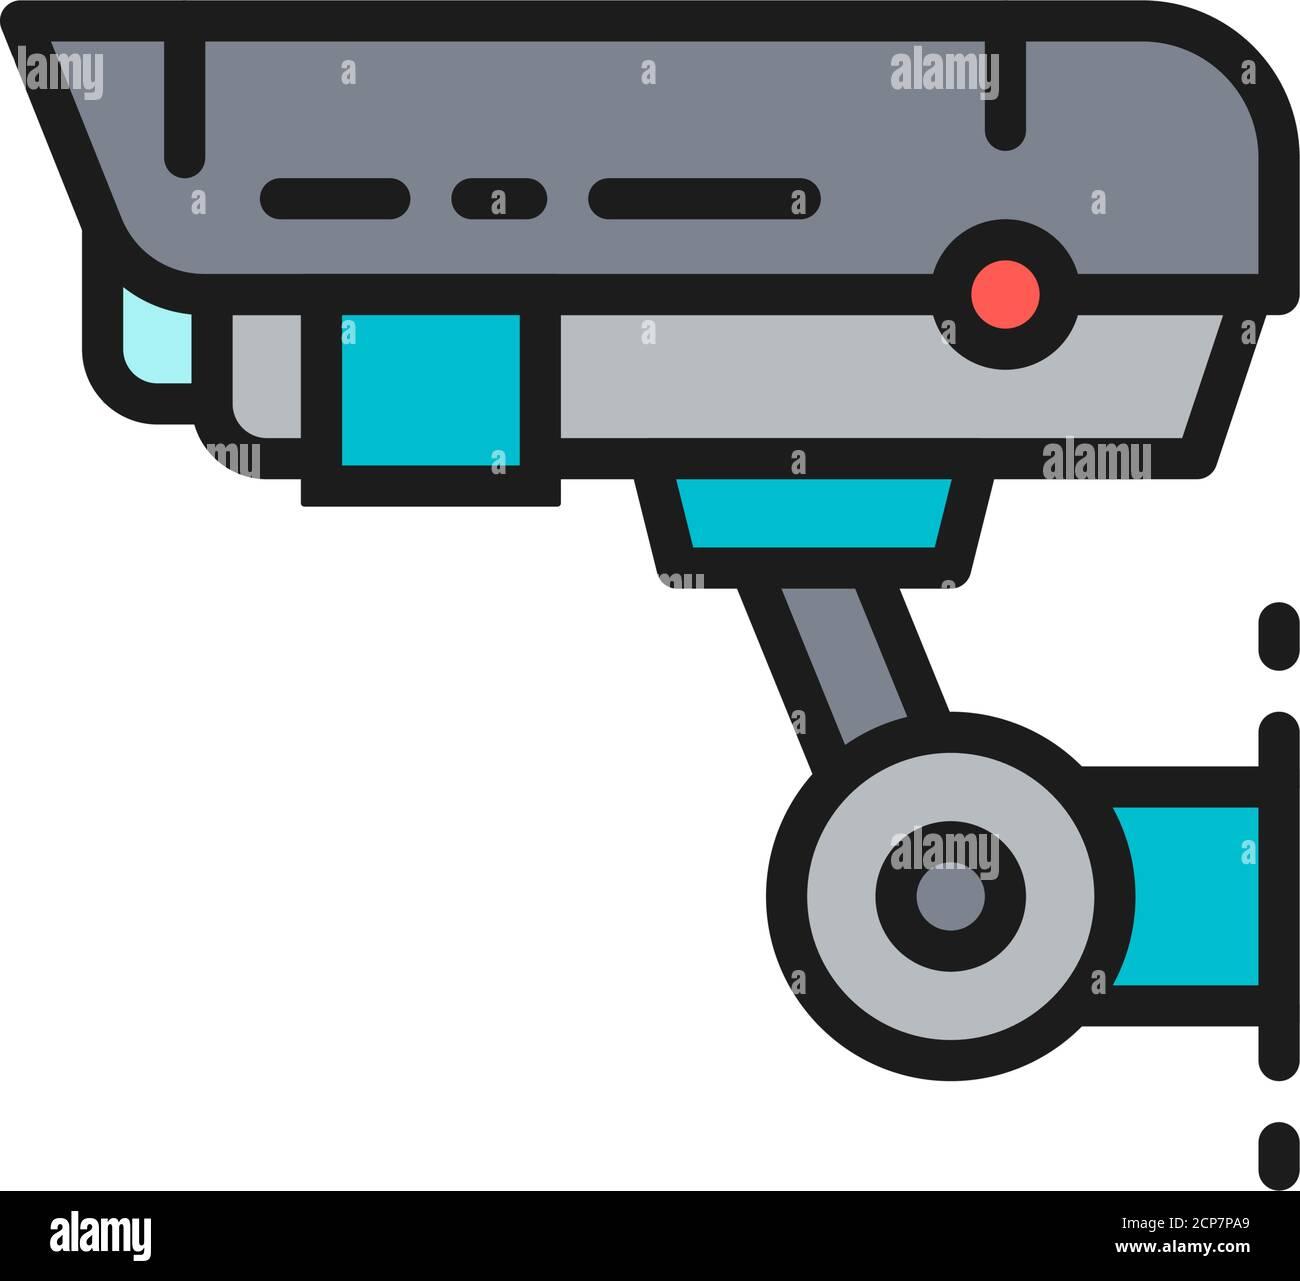 Sicherheitskamera, CCTV, Sicherheit Home Schutz System flache Farblinie Symbol. Stock Vektor